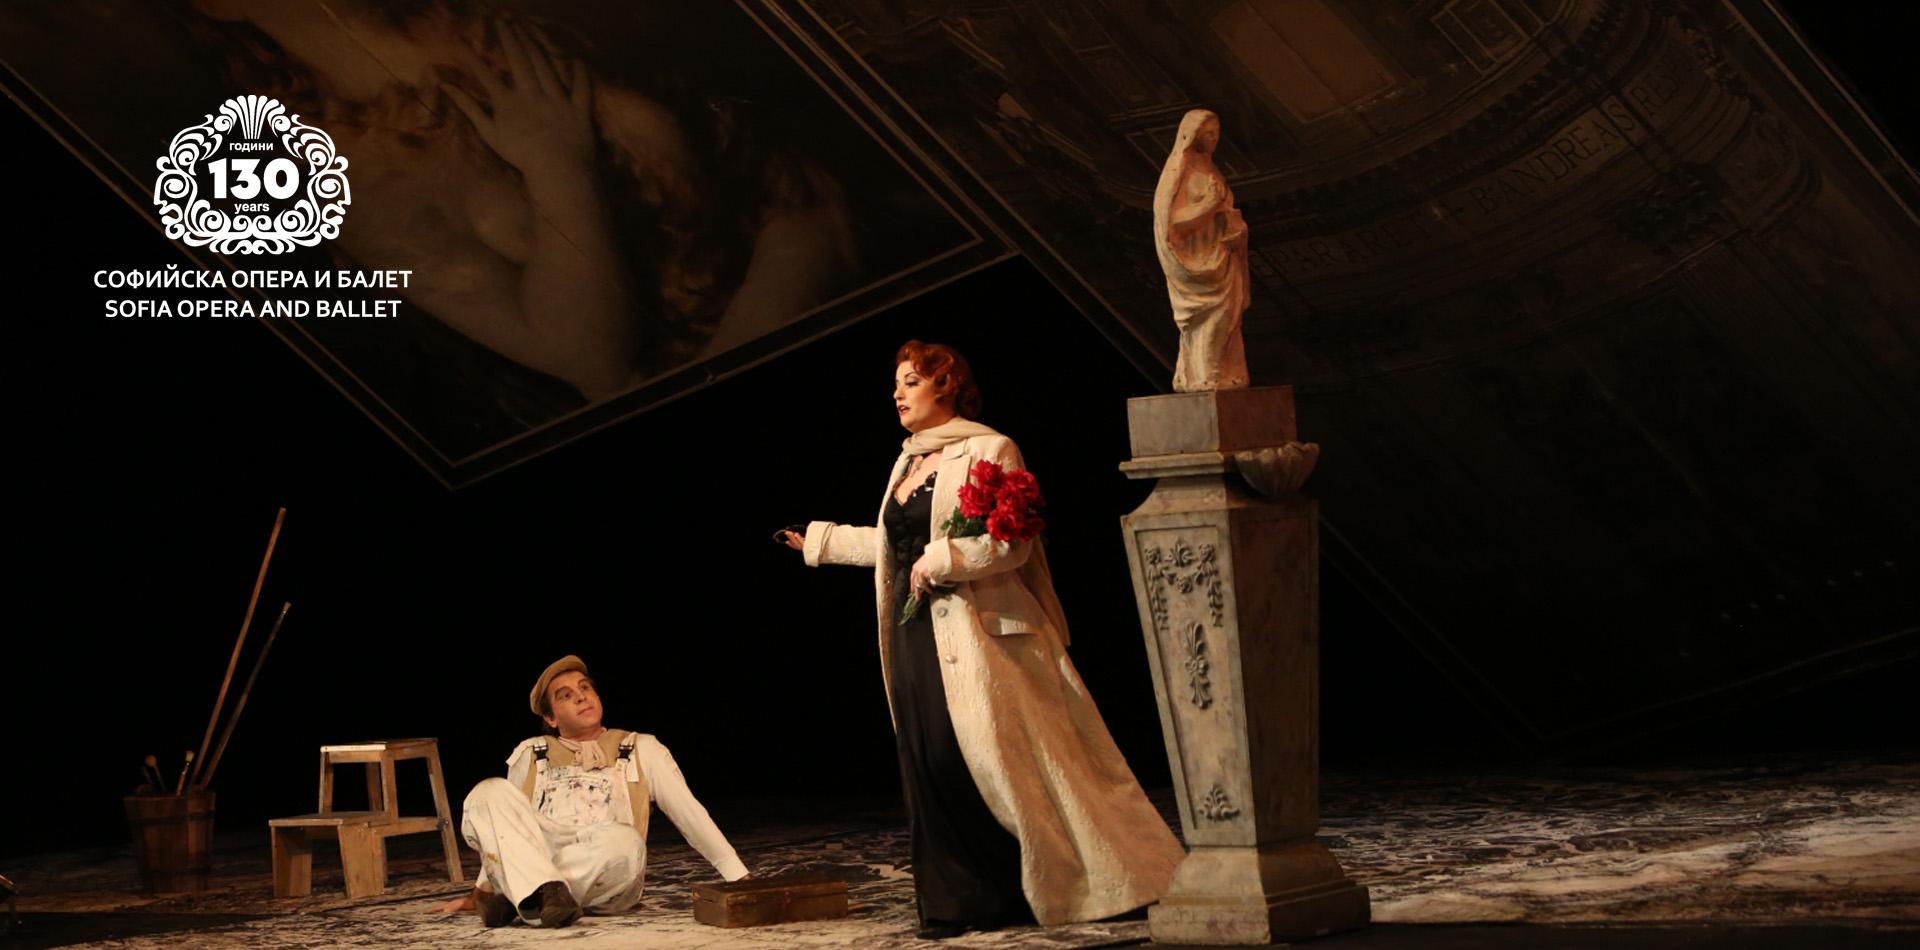 Сопраното Таня Иванова ще се превъплъти в ролята на Тоска и Аида през април в Софийската опера